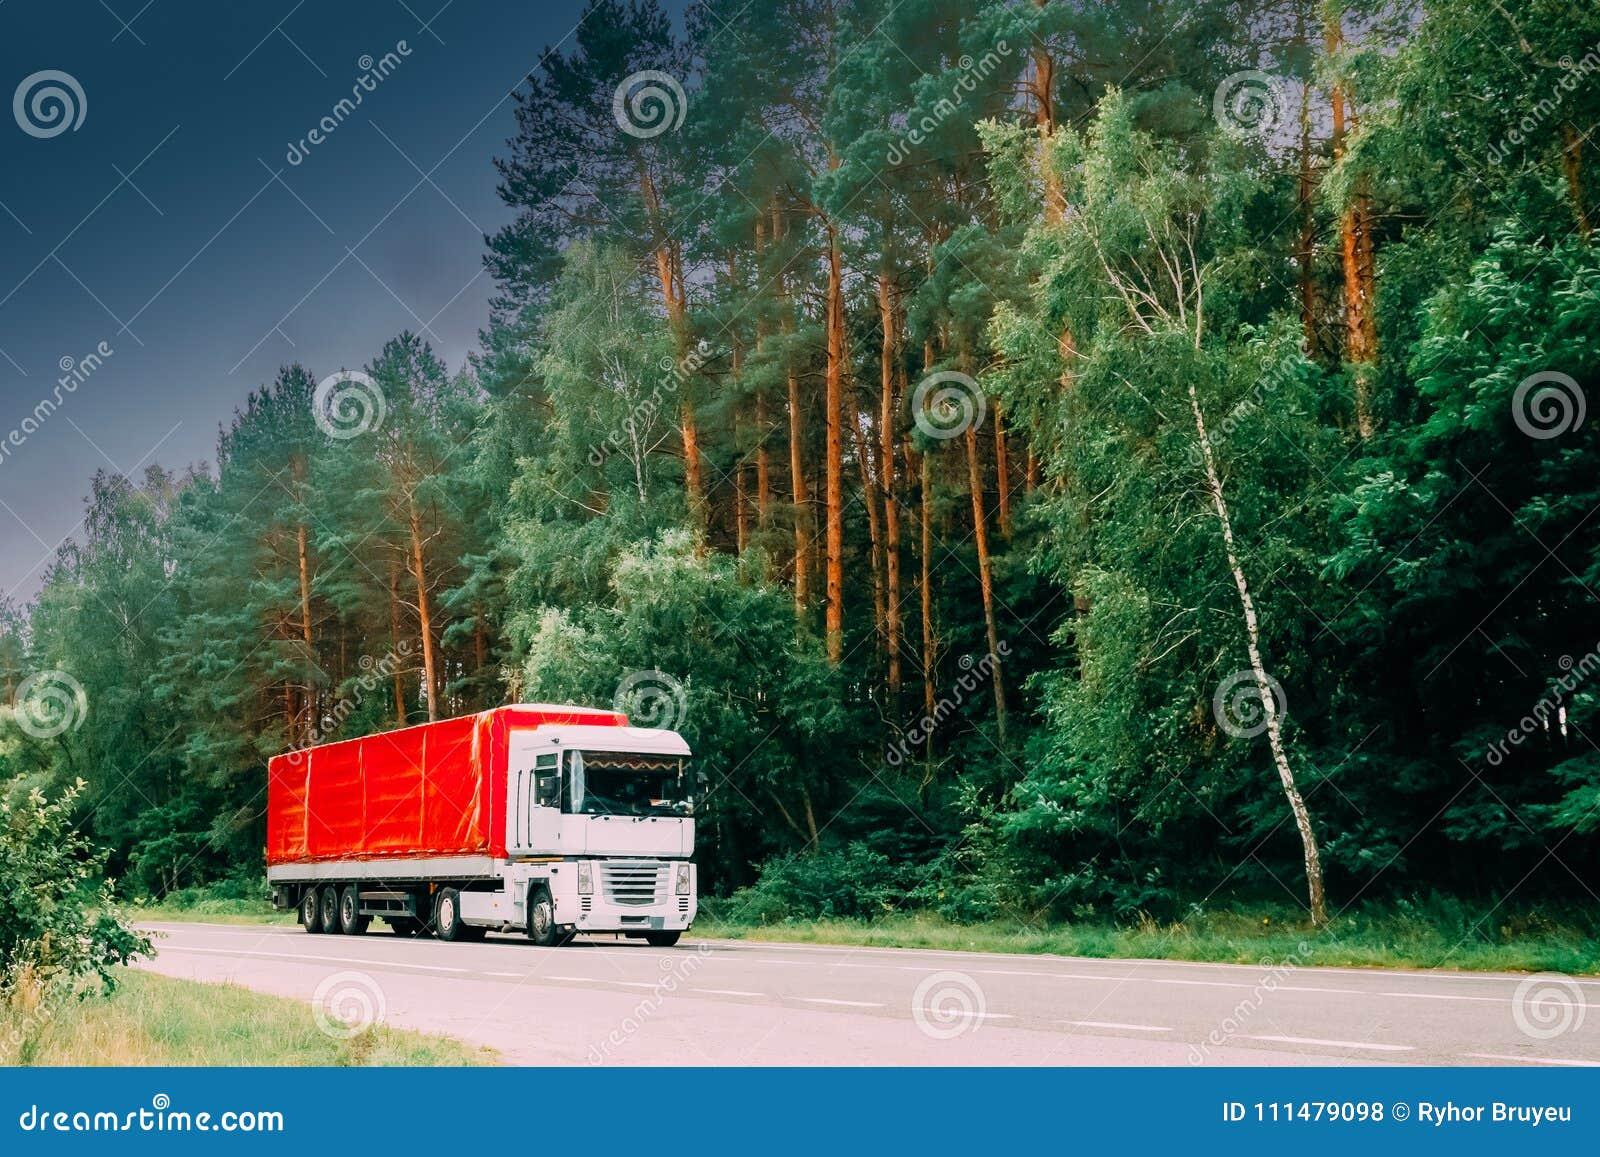 Przewozi samochodem, Ciągnikowa jednostka, prima - wnioskodawca, trakci jednostka W ruchu Na wiejskiej drodze